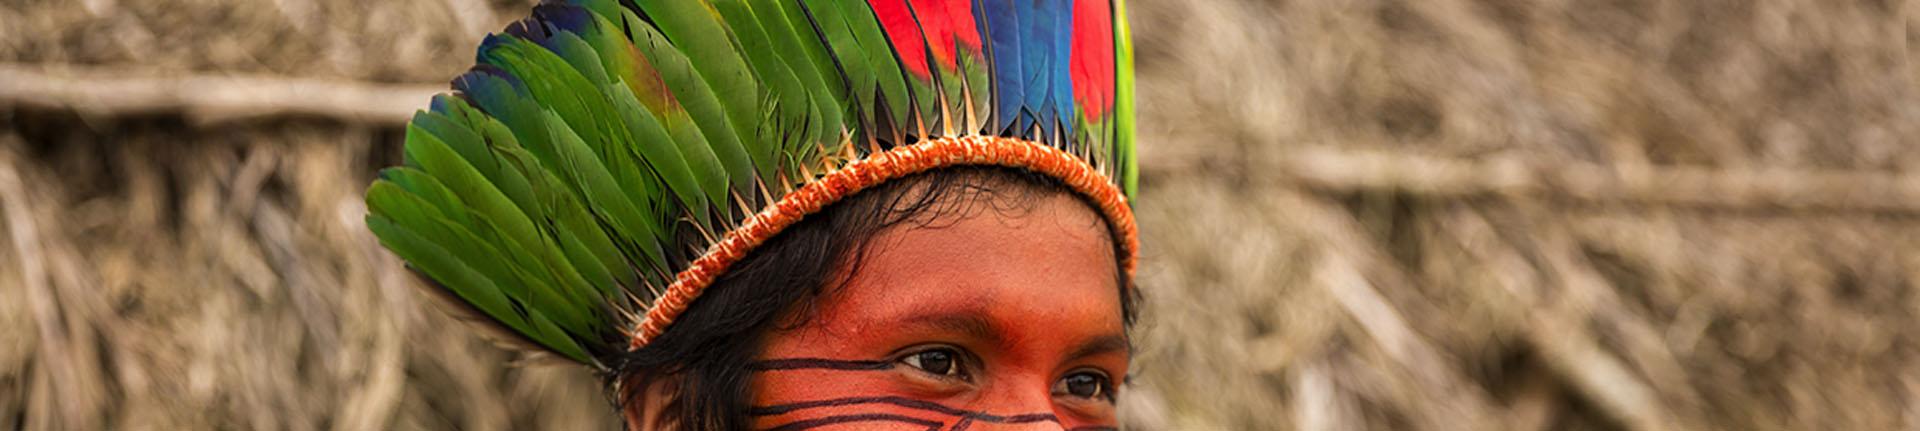 Índios: Os Primeiros Brasileiros, em exposição na UFBA